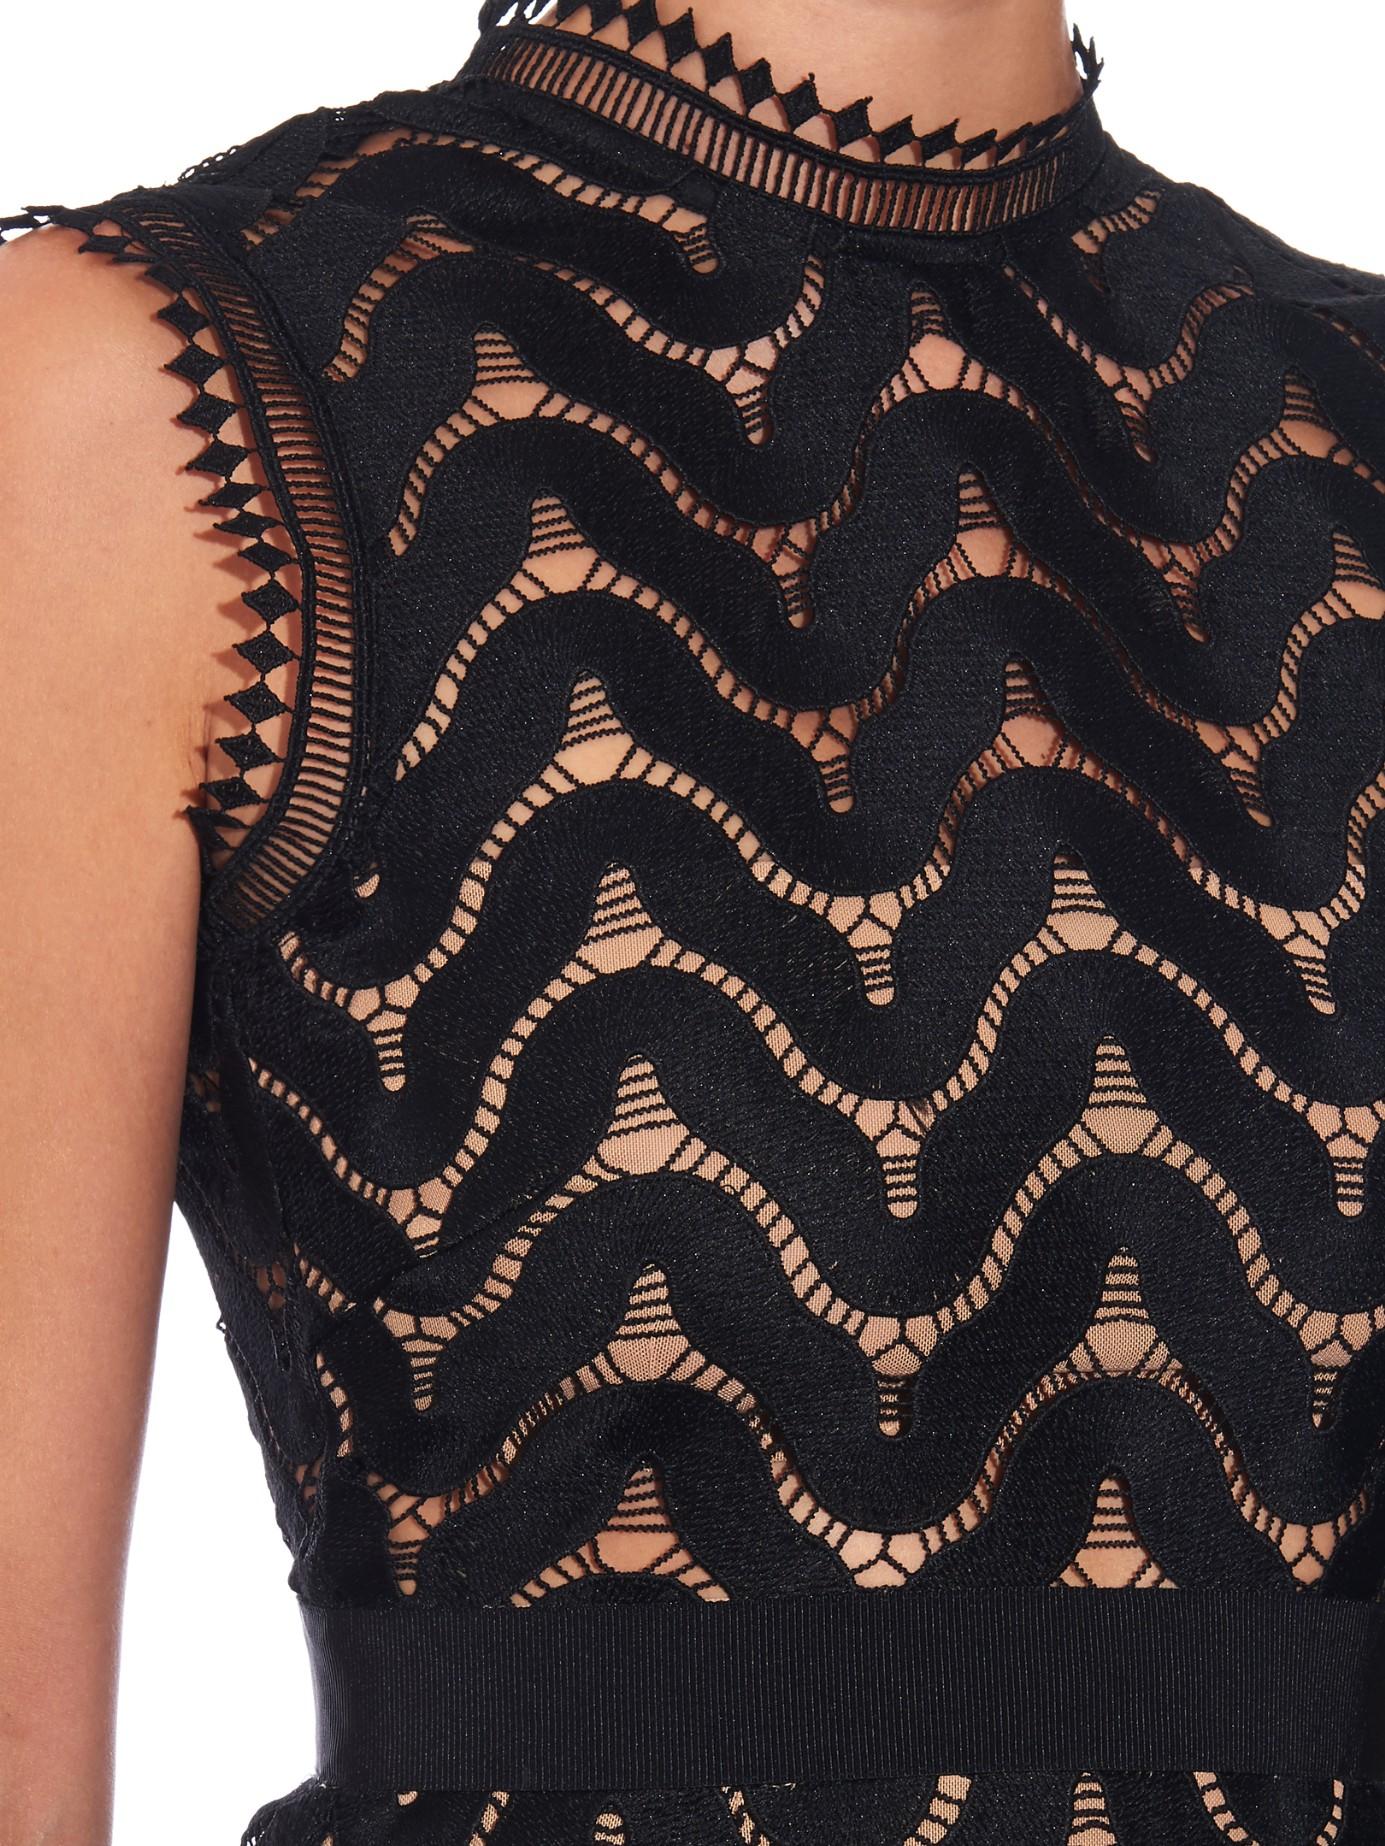 74e874bacc949 Lyst - Self-Portrait Open-back Wave-lace Midi Dress in Black